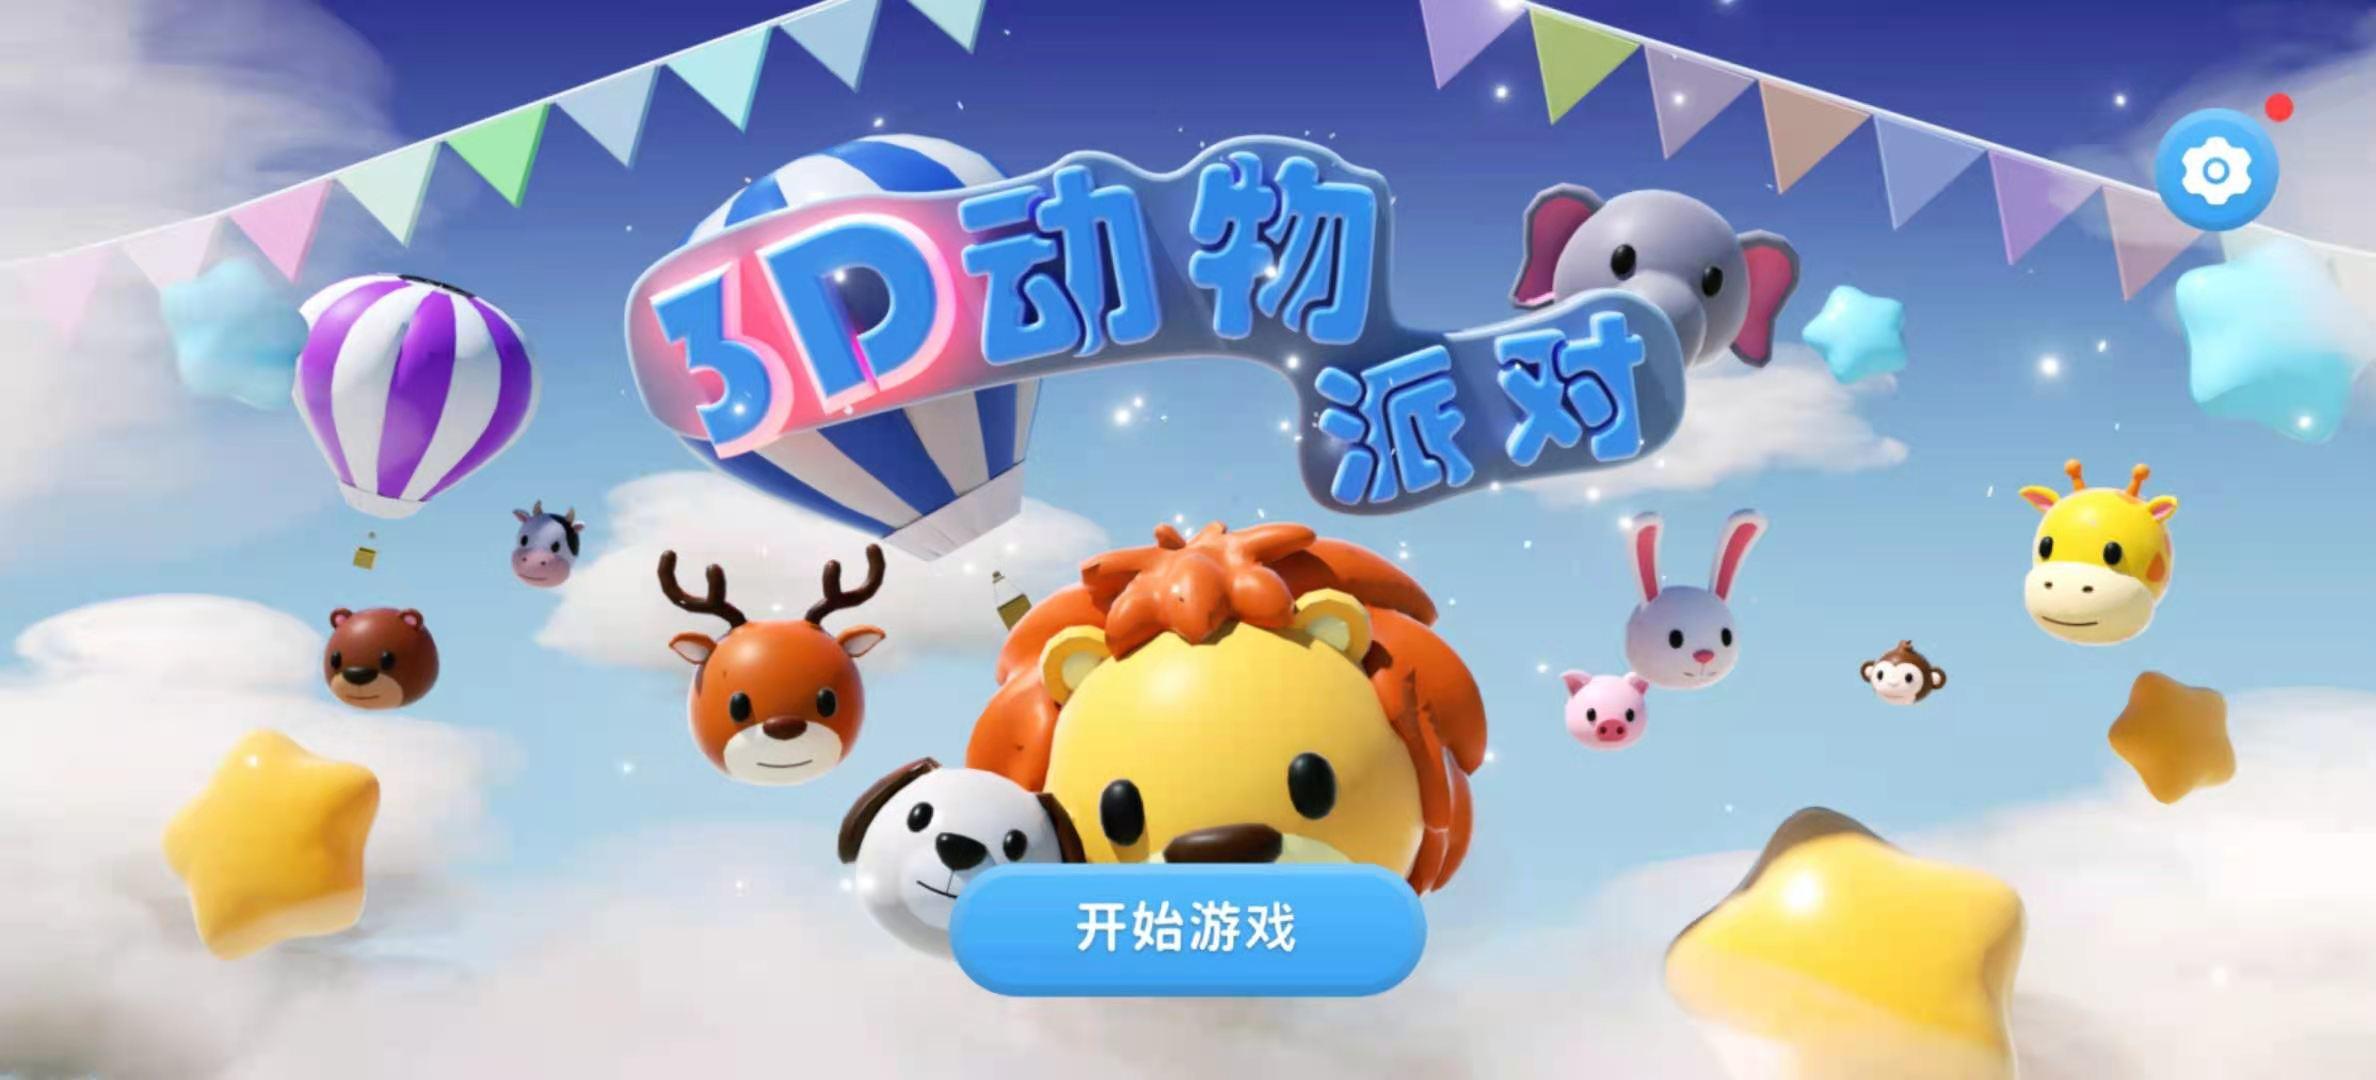 3D动物派对手游app截图